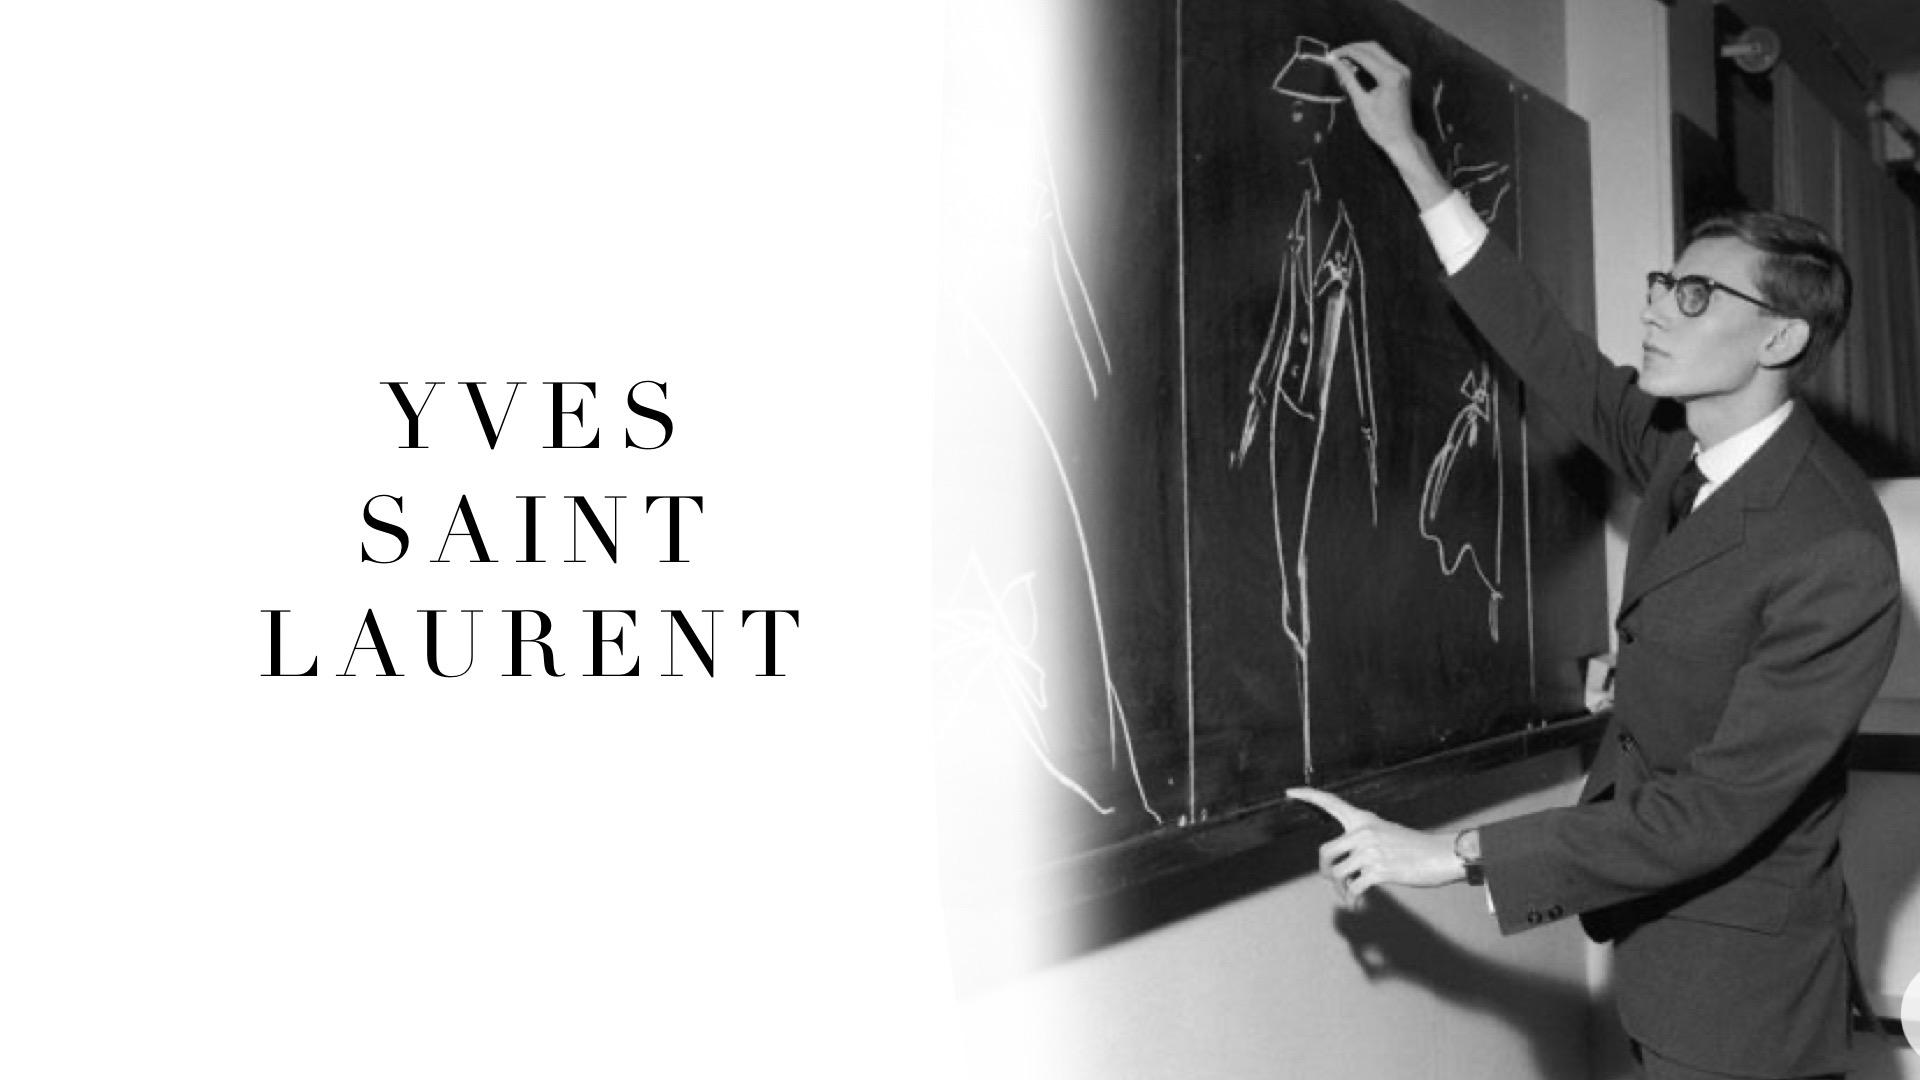 Yves Saint Laurent, génius s křehkou duší, který navždy změnil svět módy